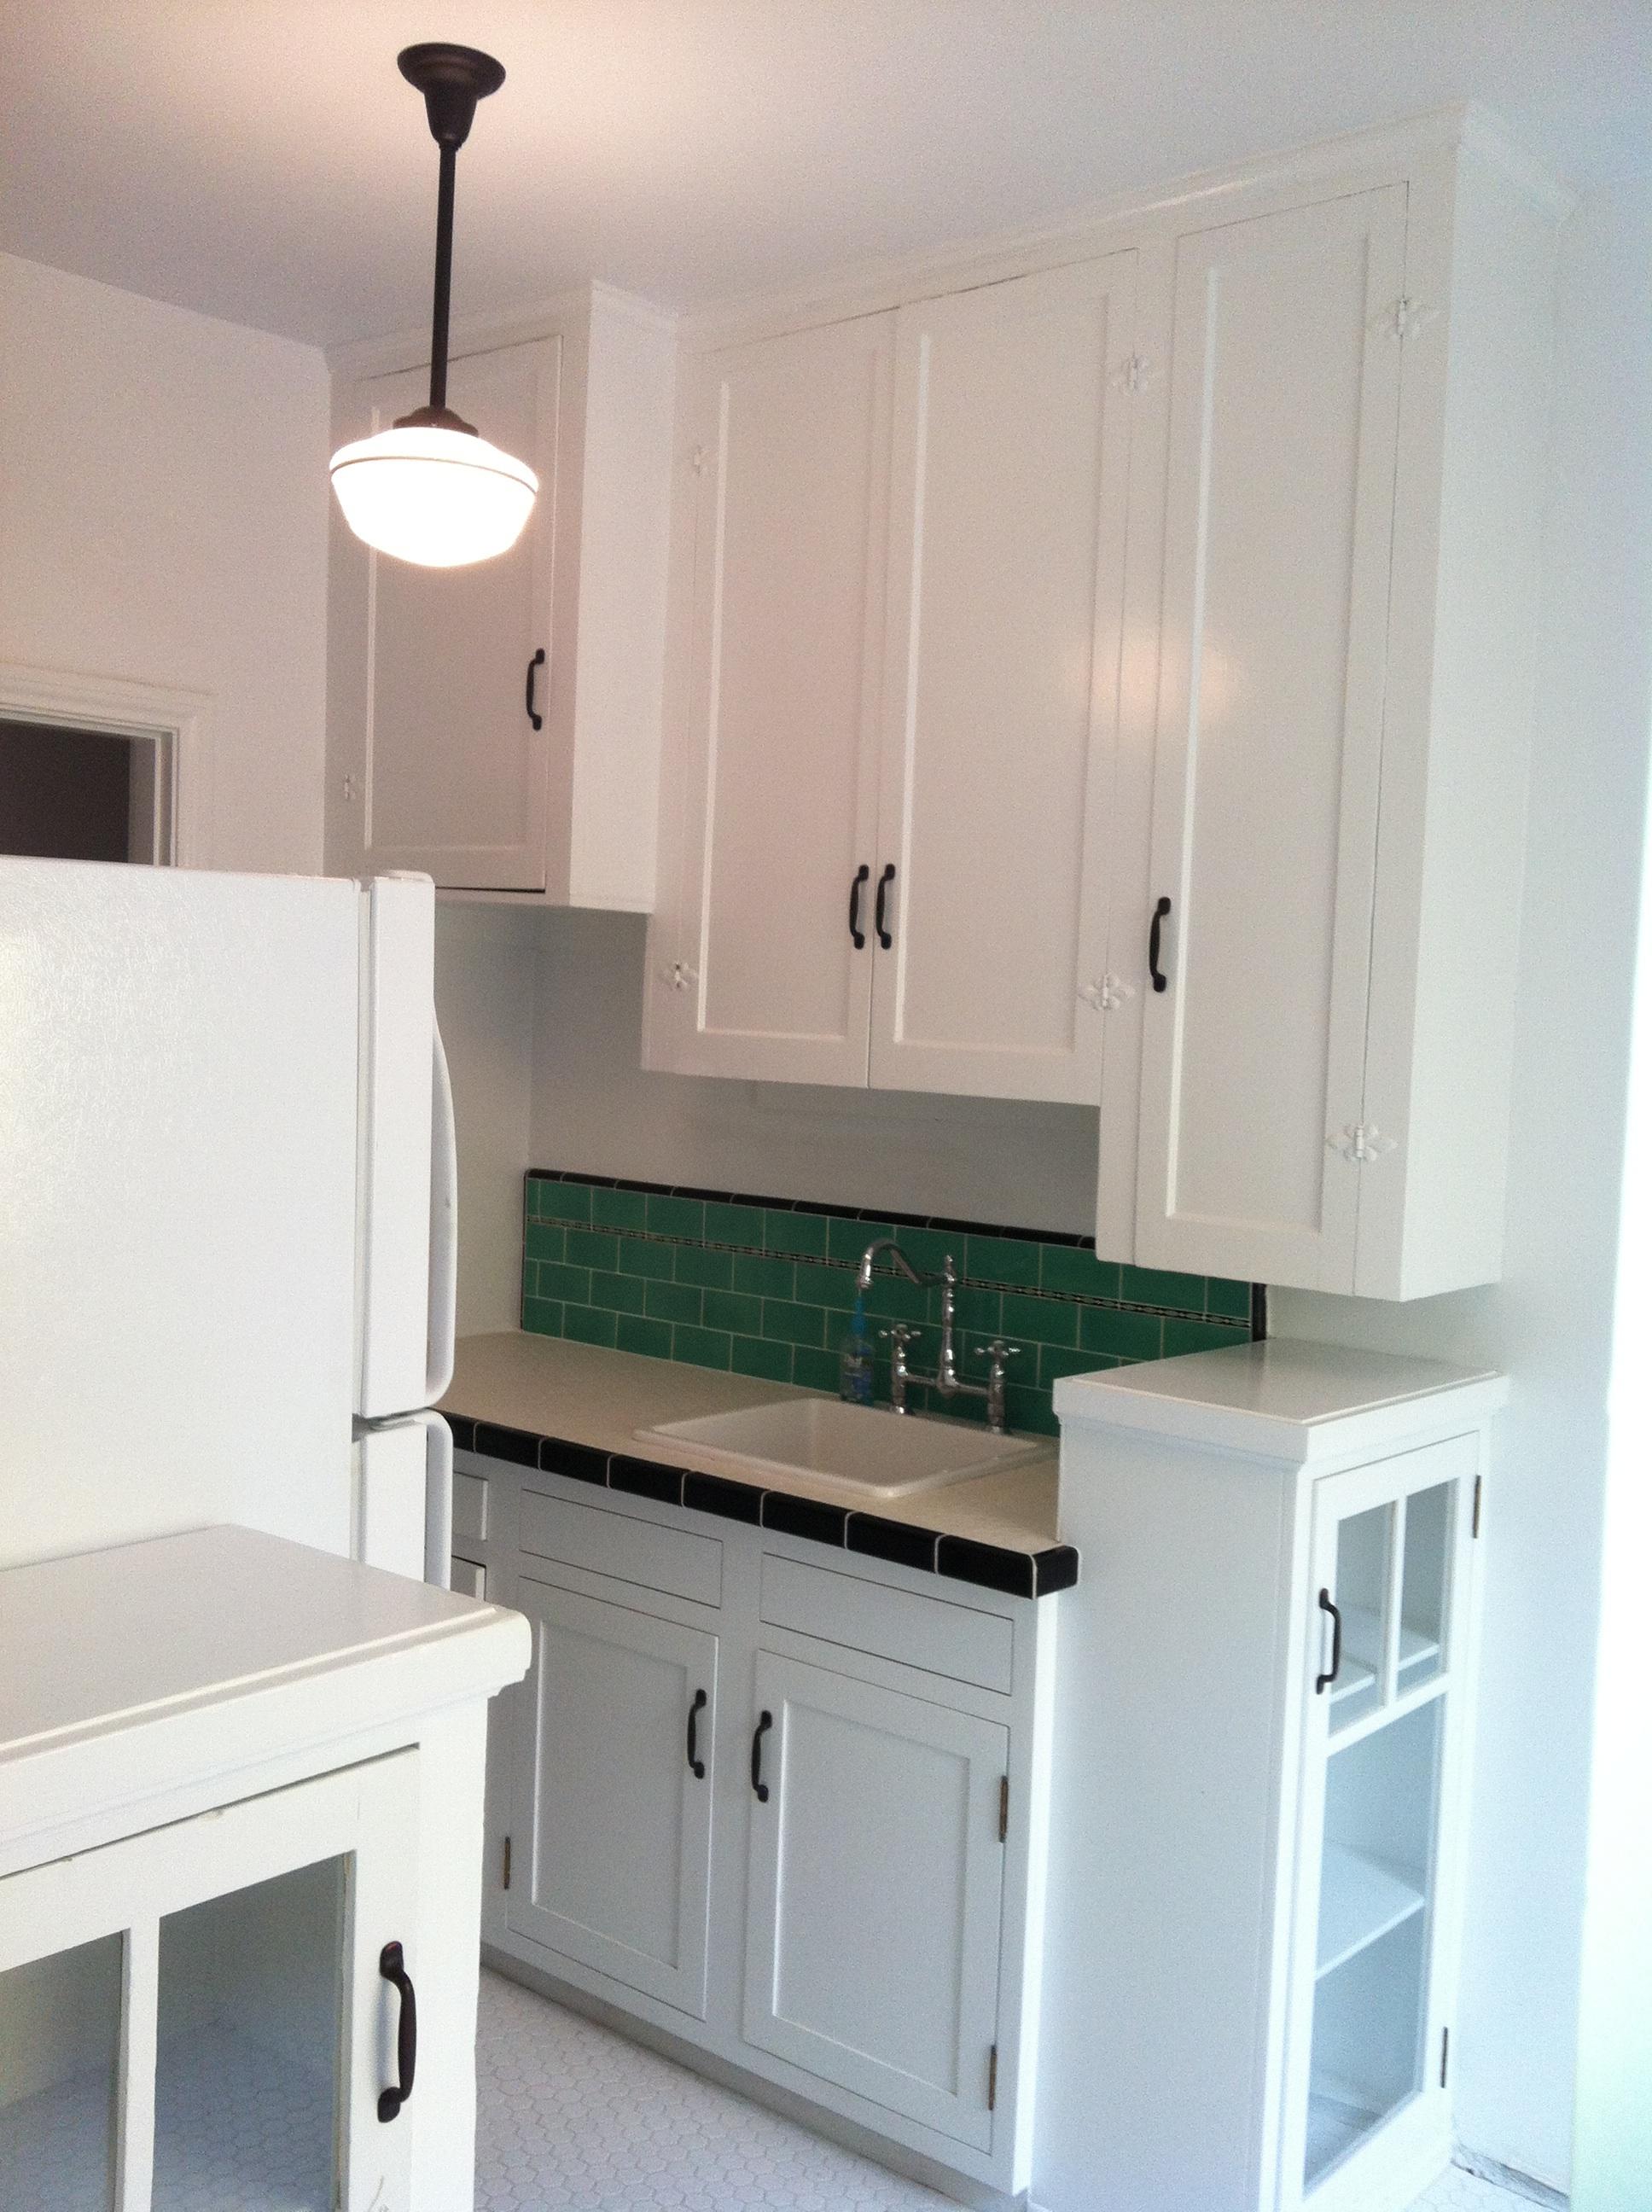 101 kitchen 3 after.jpg